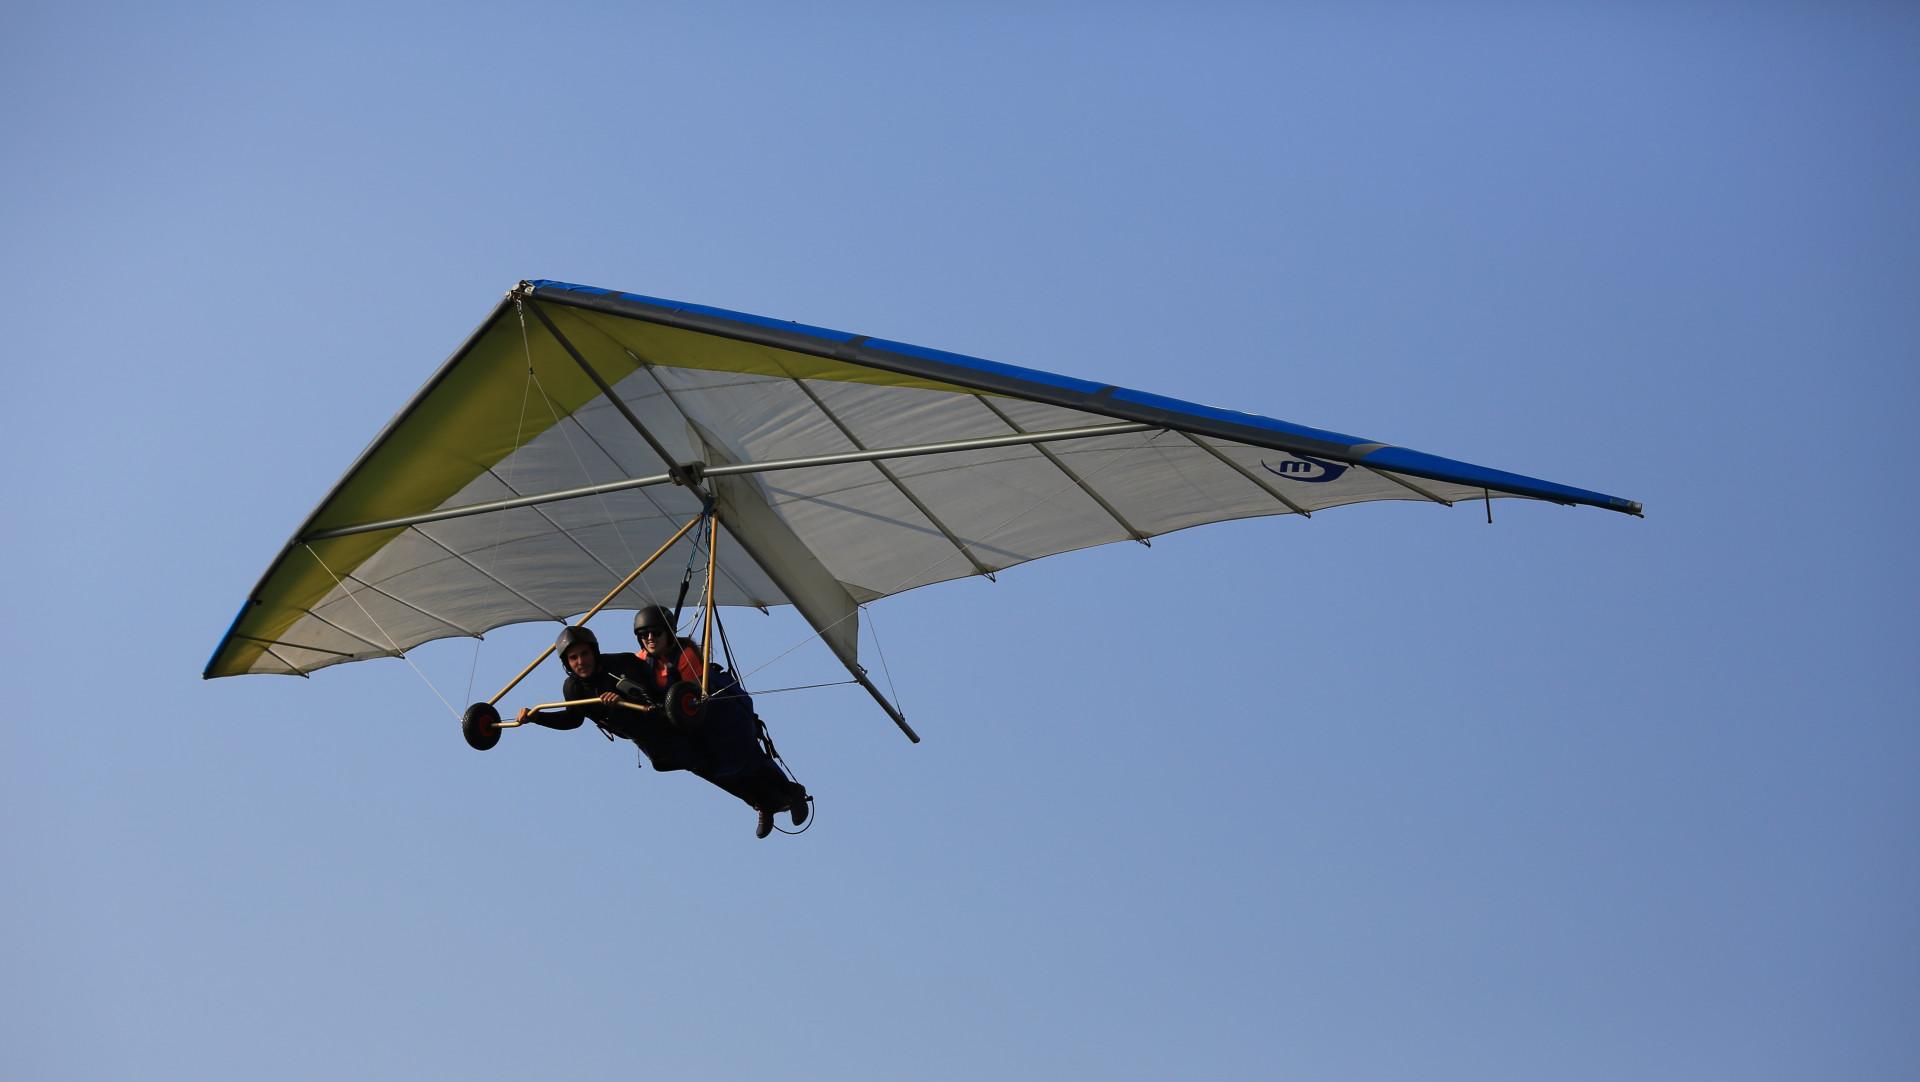 Volo tandem in deltaplano a Laveno-Mombello